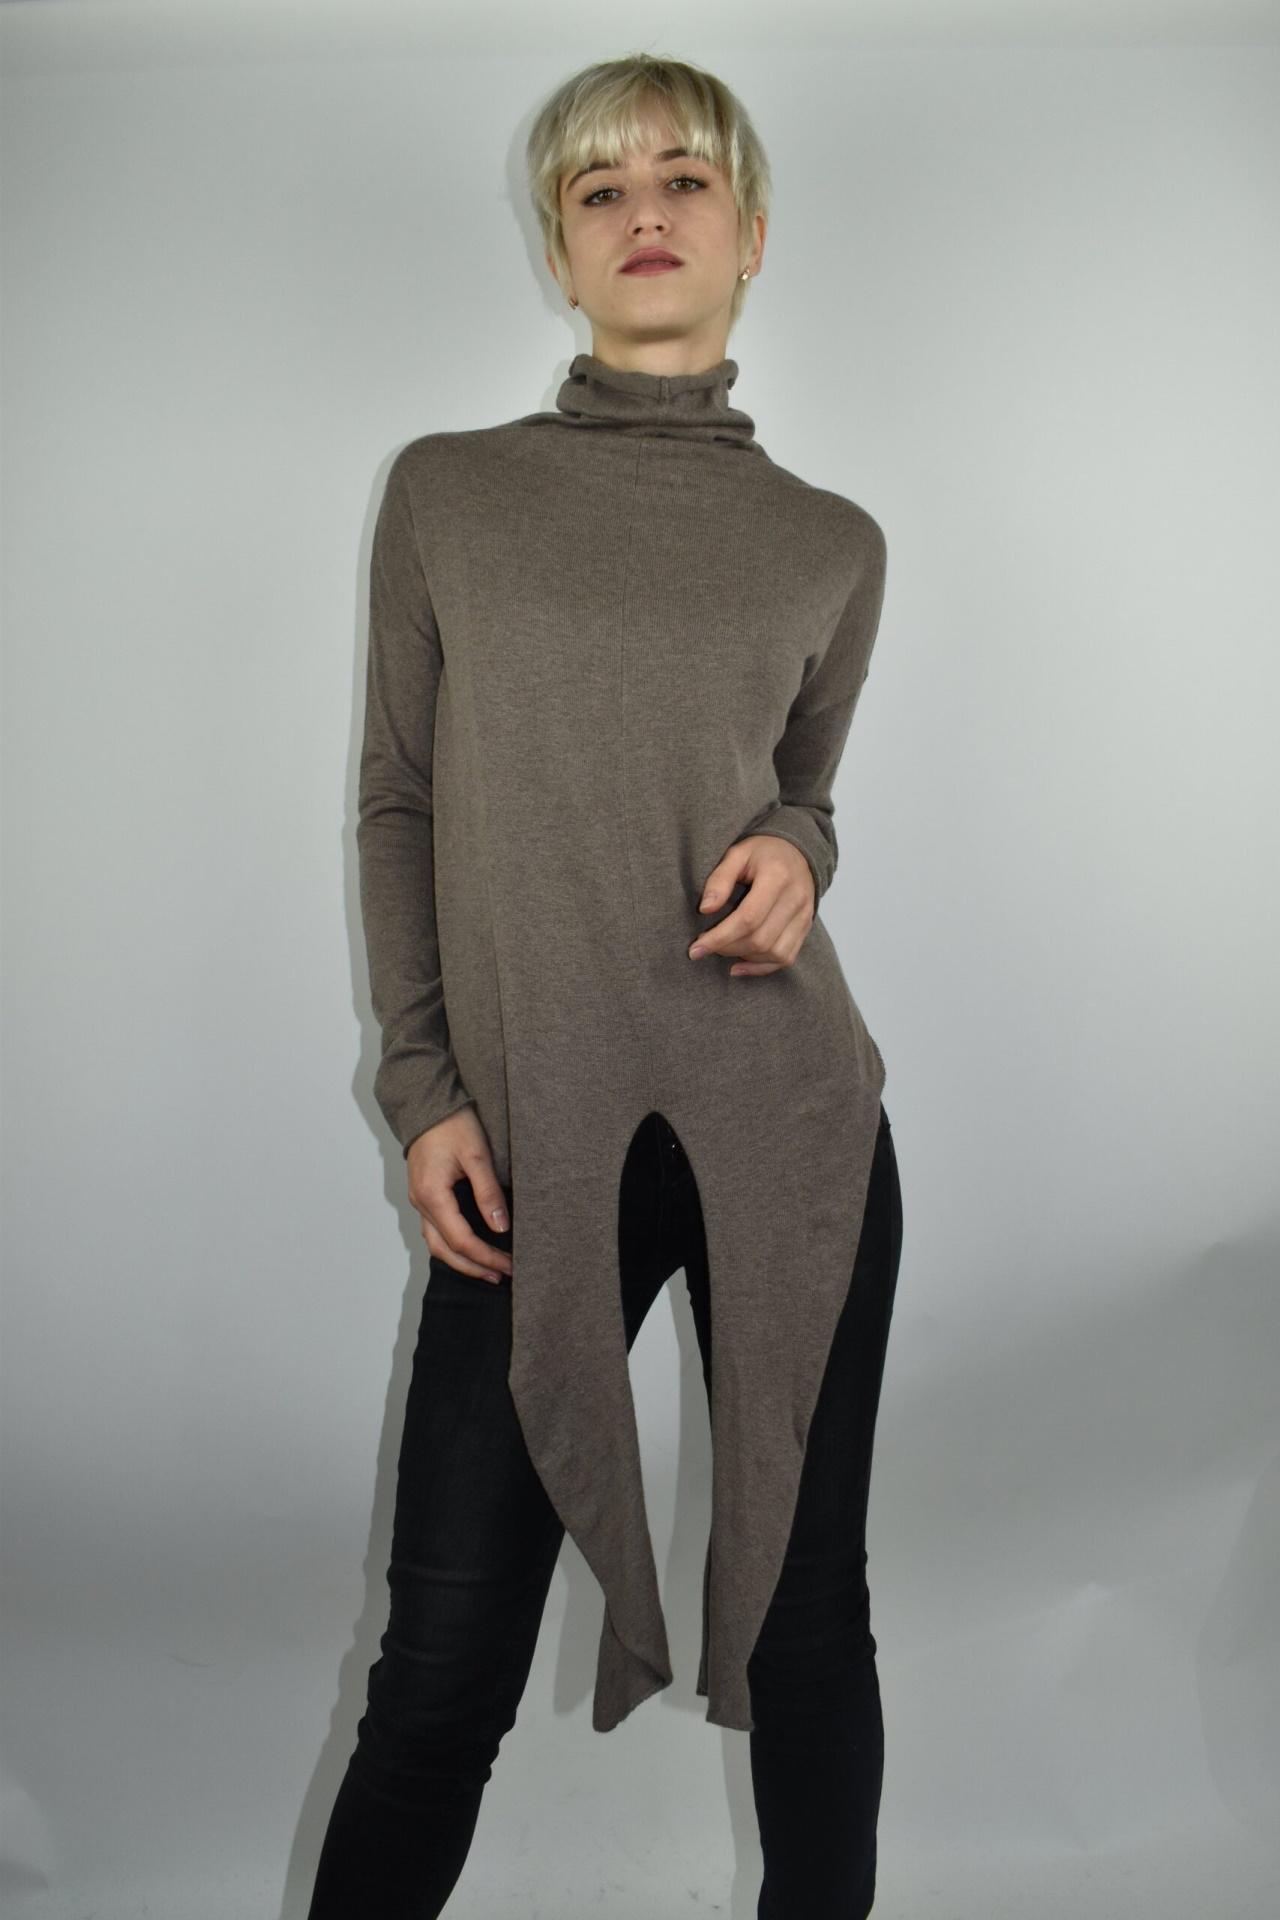 GIADA BEIGE MAGLIA DONNA CASHMERE SETA COLLO ALTO MANICA LUNGA 4 1stAmerican maglia dolcevita collo alto da donna in seta cashmere - maglione manica lunga invernale finezza 14